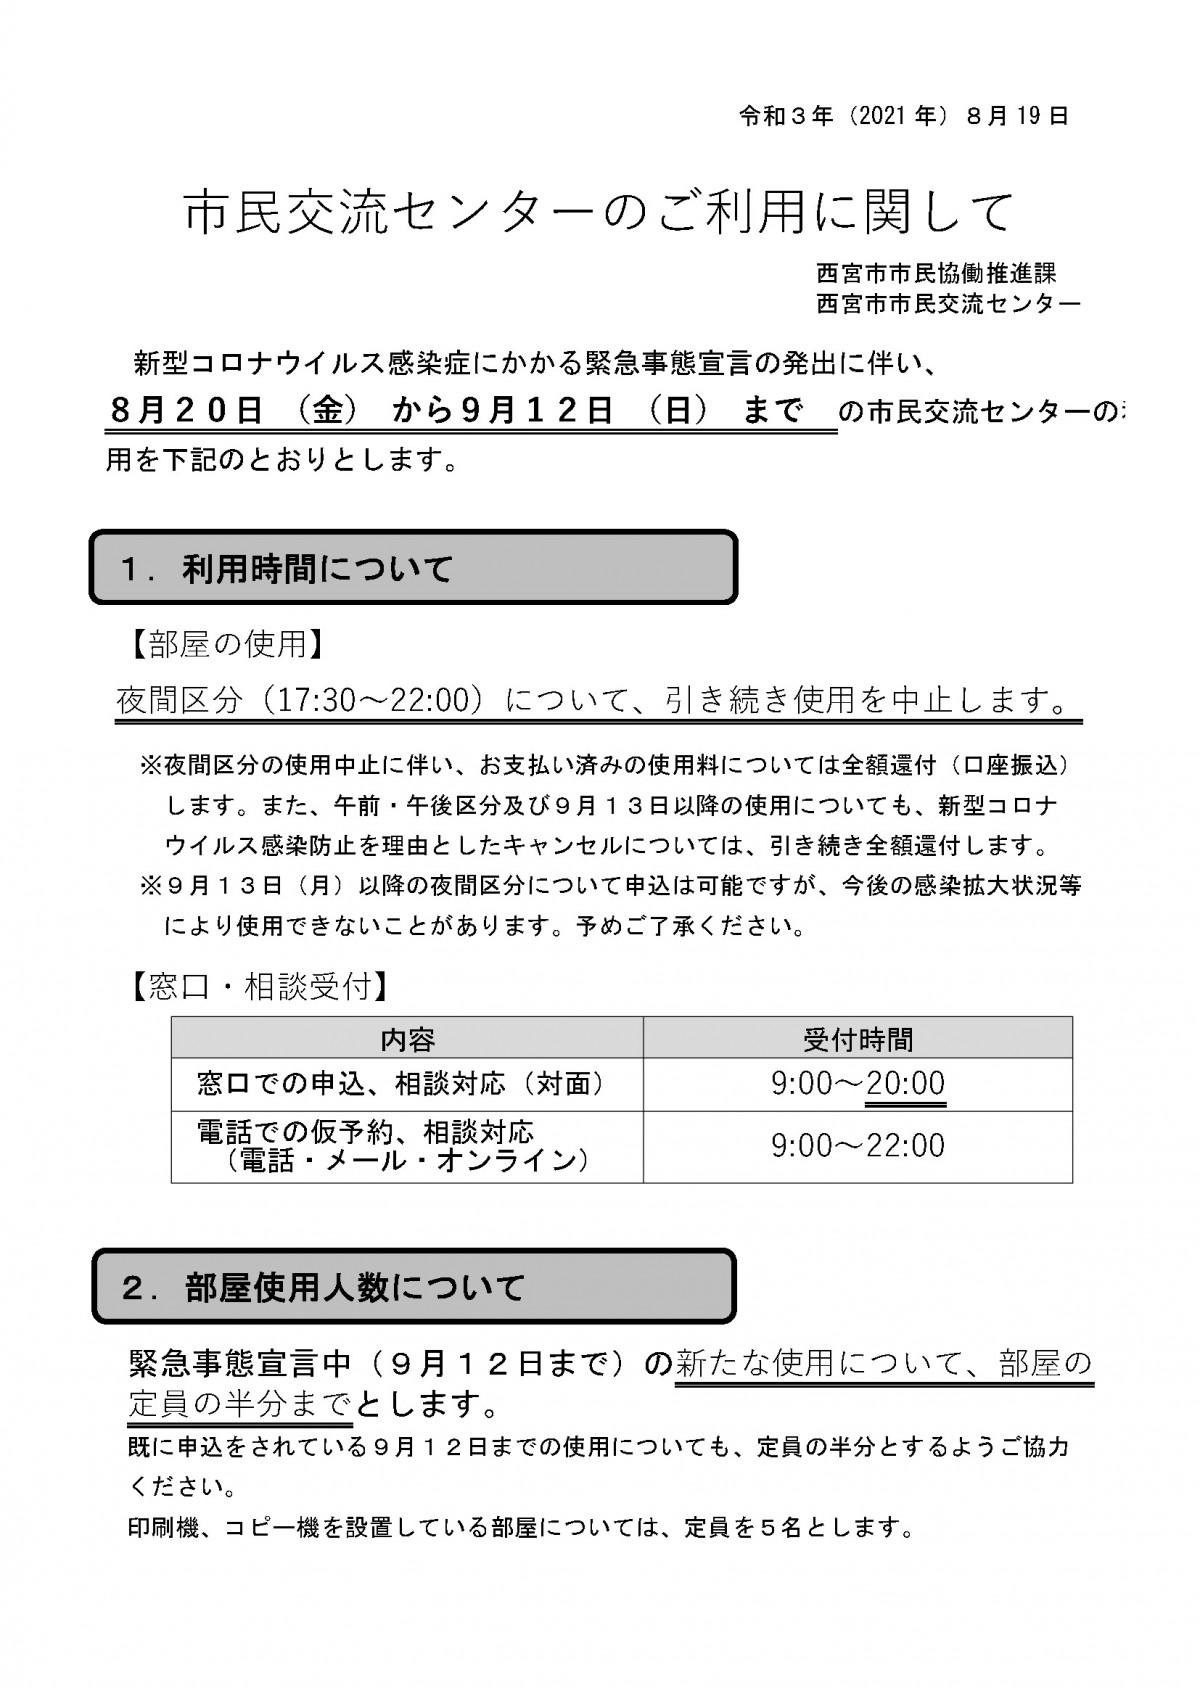 riyouseigen_0819-2